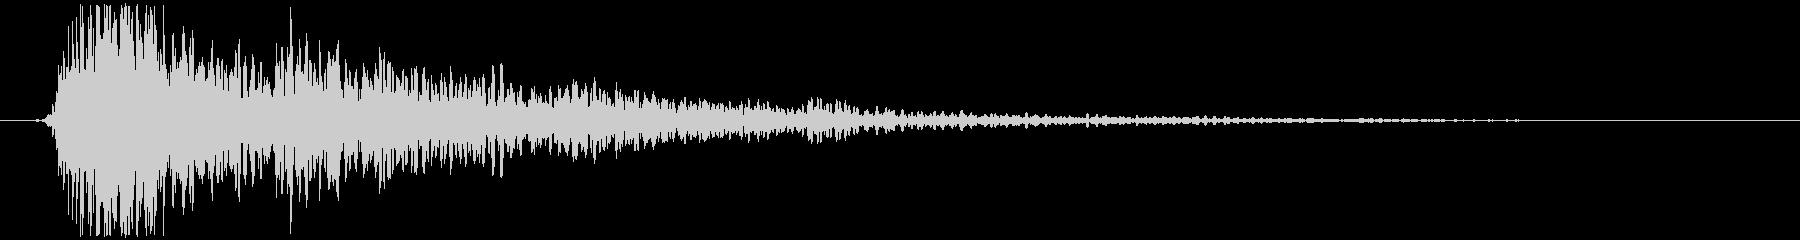 バーン(墜落し、爆発する音)の未再生の波形